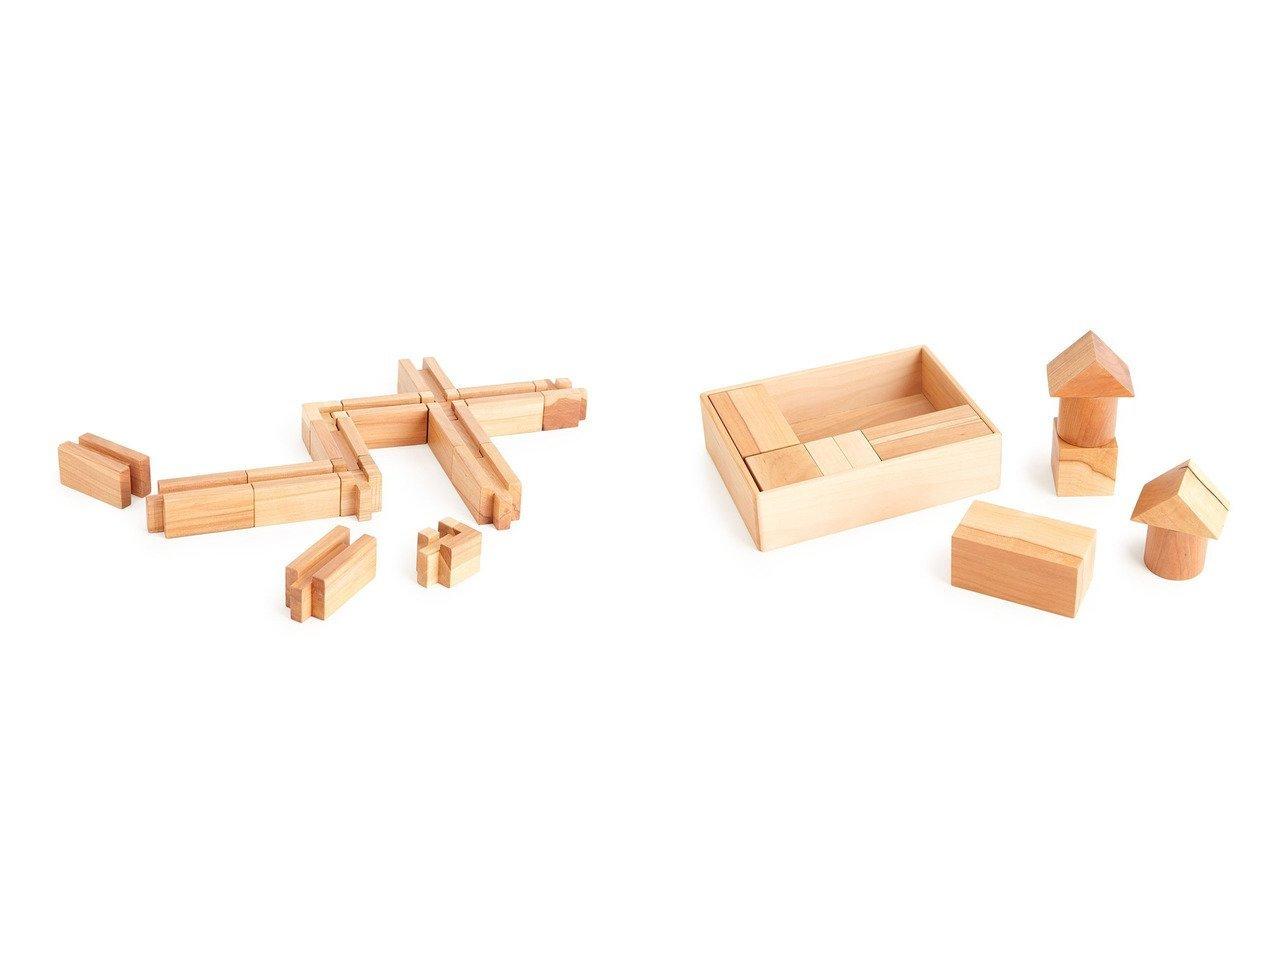 【Kimura Woodcraft Factory/木村木品製作所】のわらはんど きづき「つなげる」 わらはんど きづき「つなげる」&わらはんど りんご積み木 わらはんど りんご積み木 【日本製 キッズ FURNITURE】おすすめ!人気、インテリア雑貨・家具の通販 おすすめで人気の流行・トレンド、ファッションの通販商品 インテリア・家具・メンズファッション・キッズファッション・レディースファッション・服の通販 founy(ファニー) https://founy.com/ 送料無料 Free Shipping おすすめ Recommend シンプル ホーム・キャンプ・アウトドア Home,Garden,Outdoor,Camping Gear 家具・インテリア Furniture キッズ家具 Kids' Furniture  ID:crp329100000055140